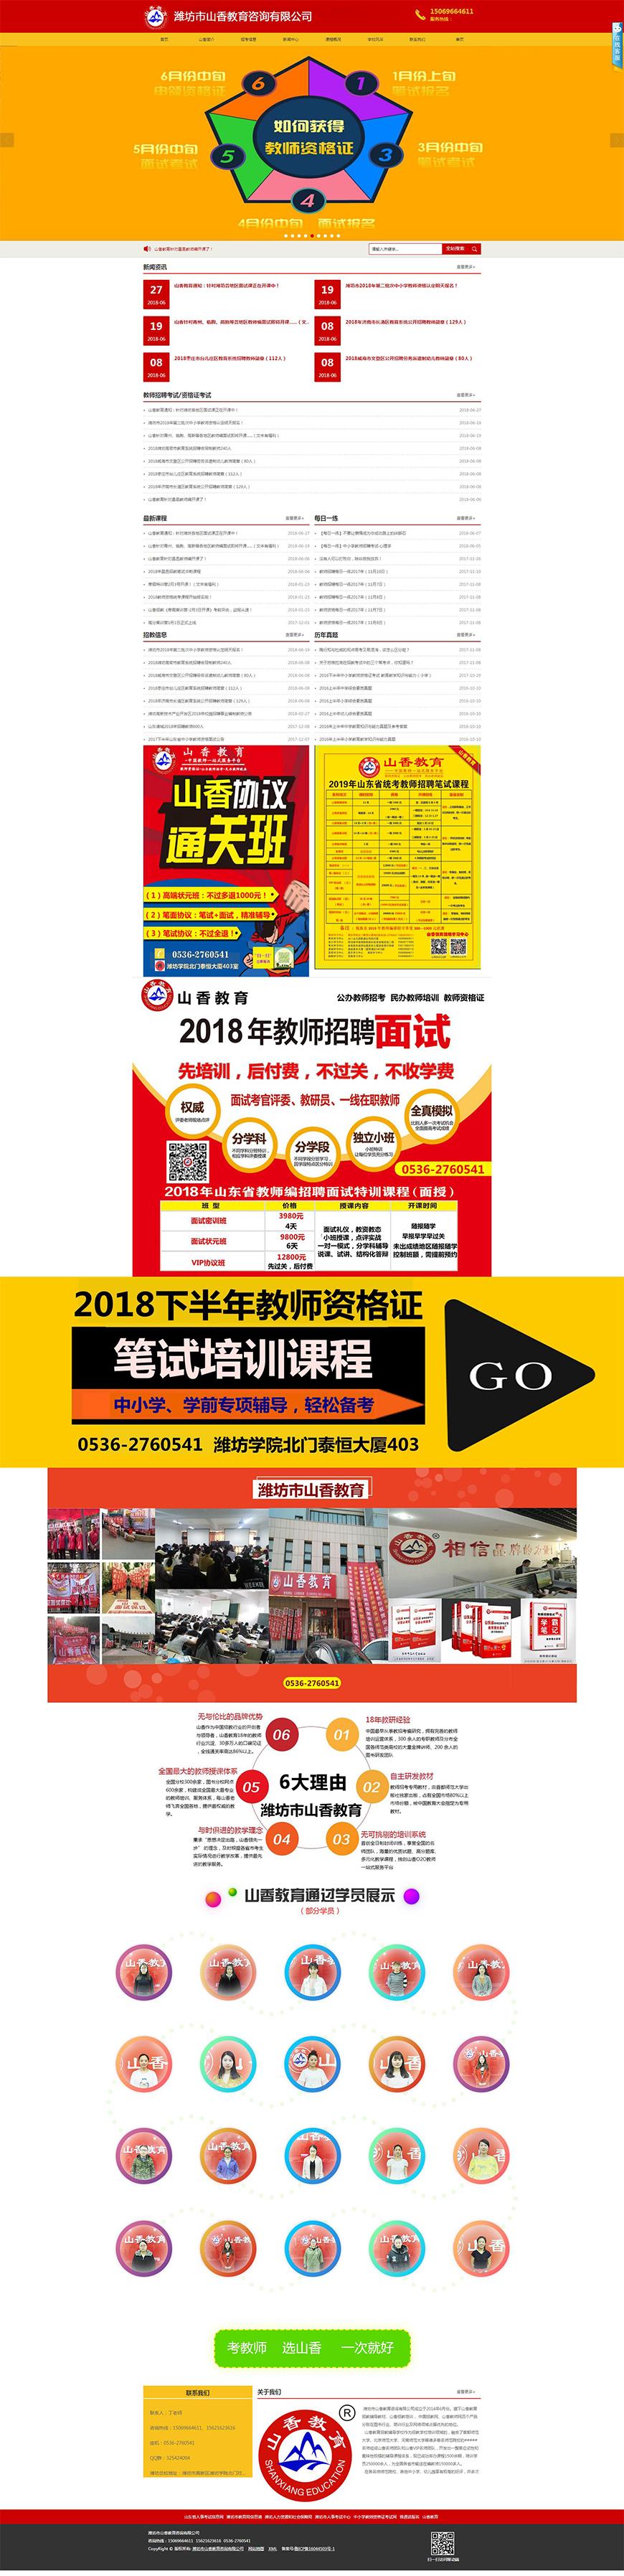 潍坊市山香教育咨询有限公司.jpg